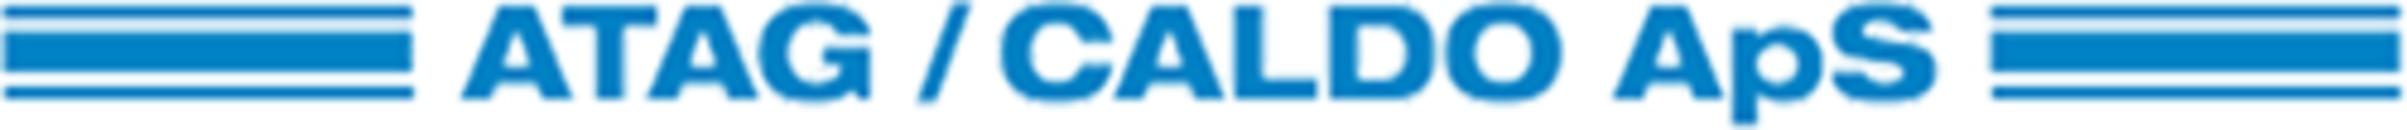 ATAG-CALDO Aps logo